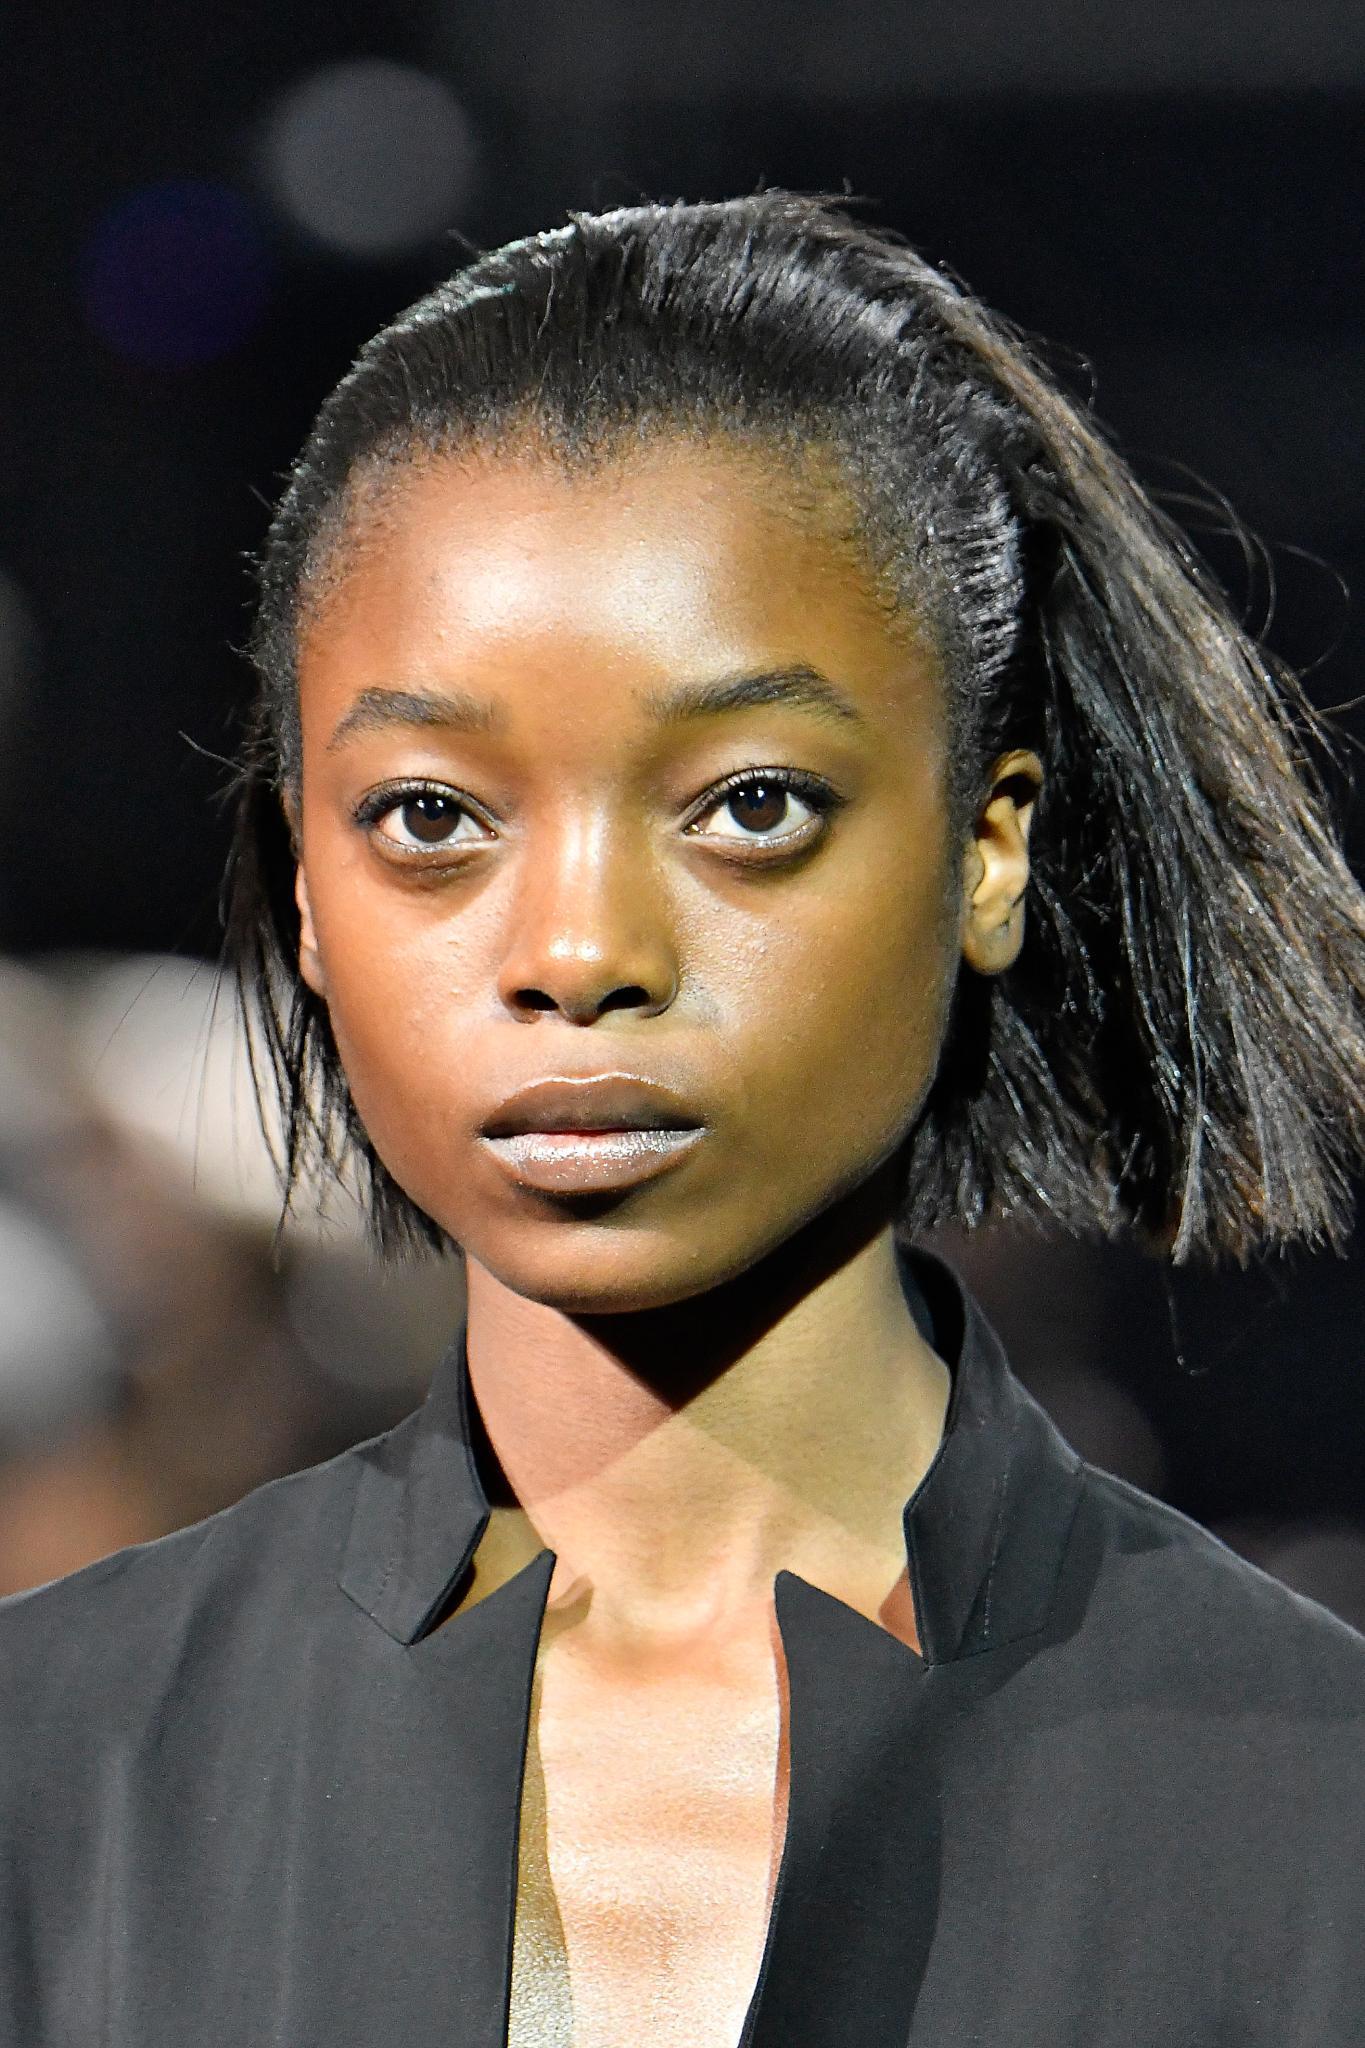 Idées de cheveux noirs courts : Mannequin noir avec un bob lissé/brossé en arrière.